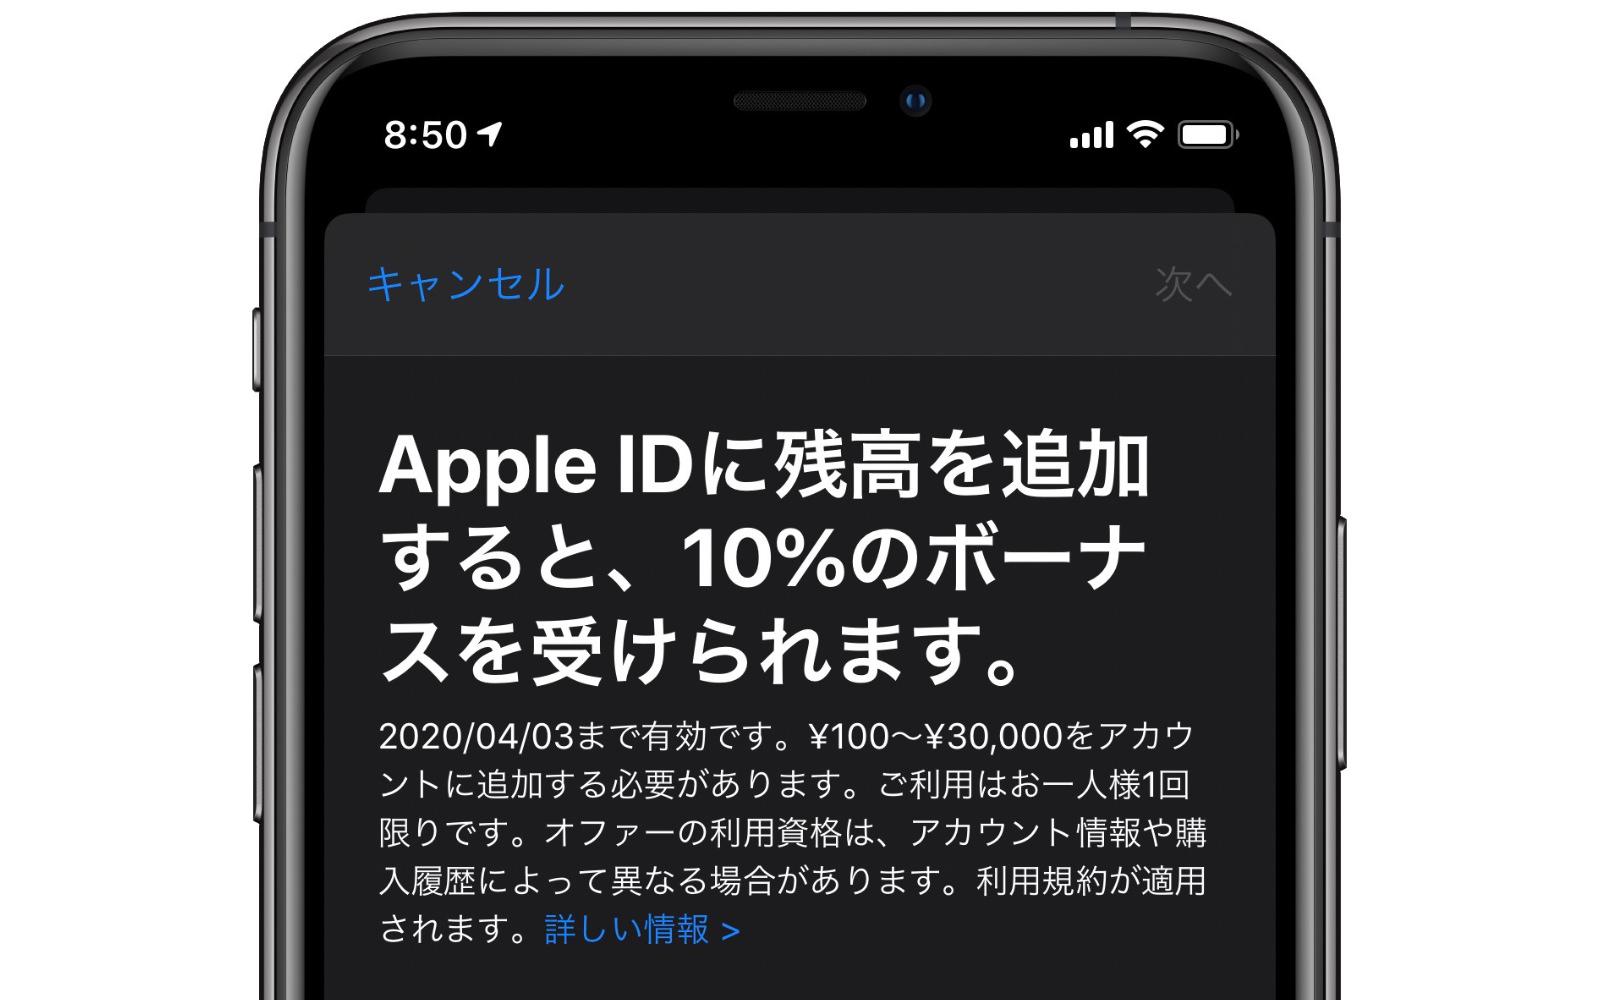 Apple-ID-Bonus-202003.jpg